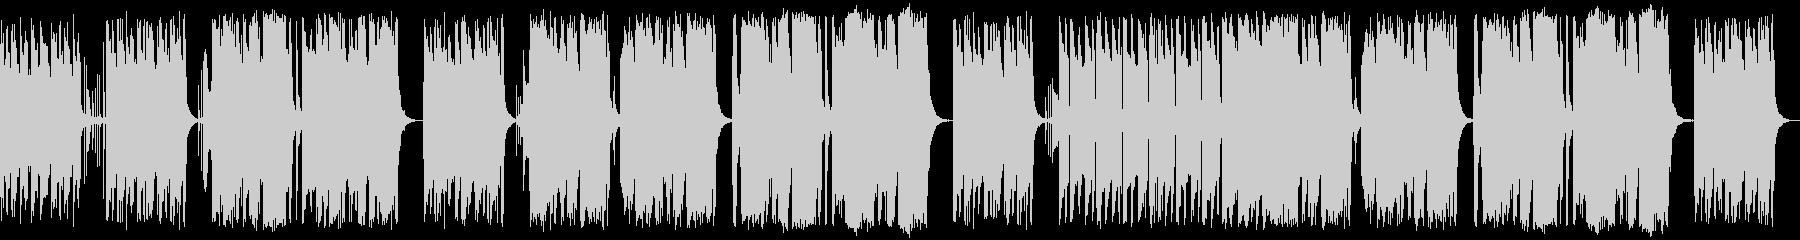 暗闇に潜む怪しい影 間抜けな泥棒のBGMの未再生の波形